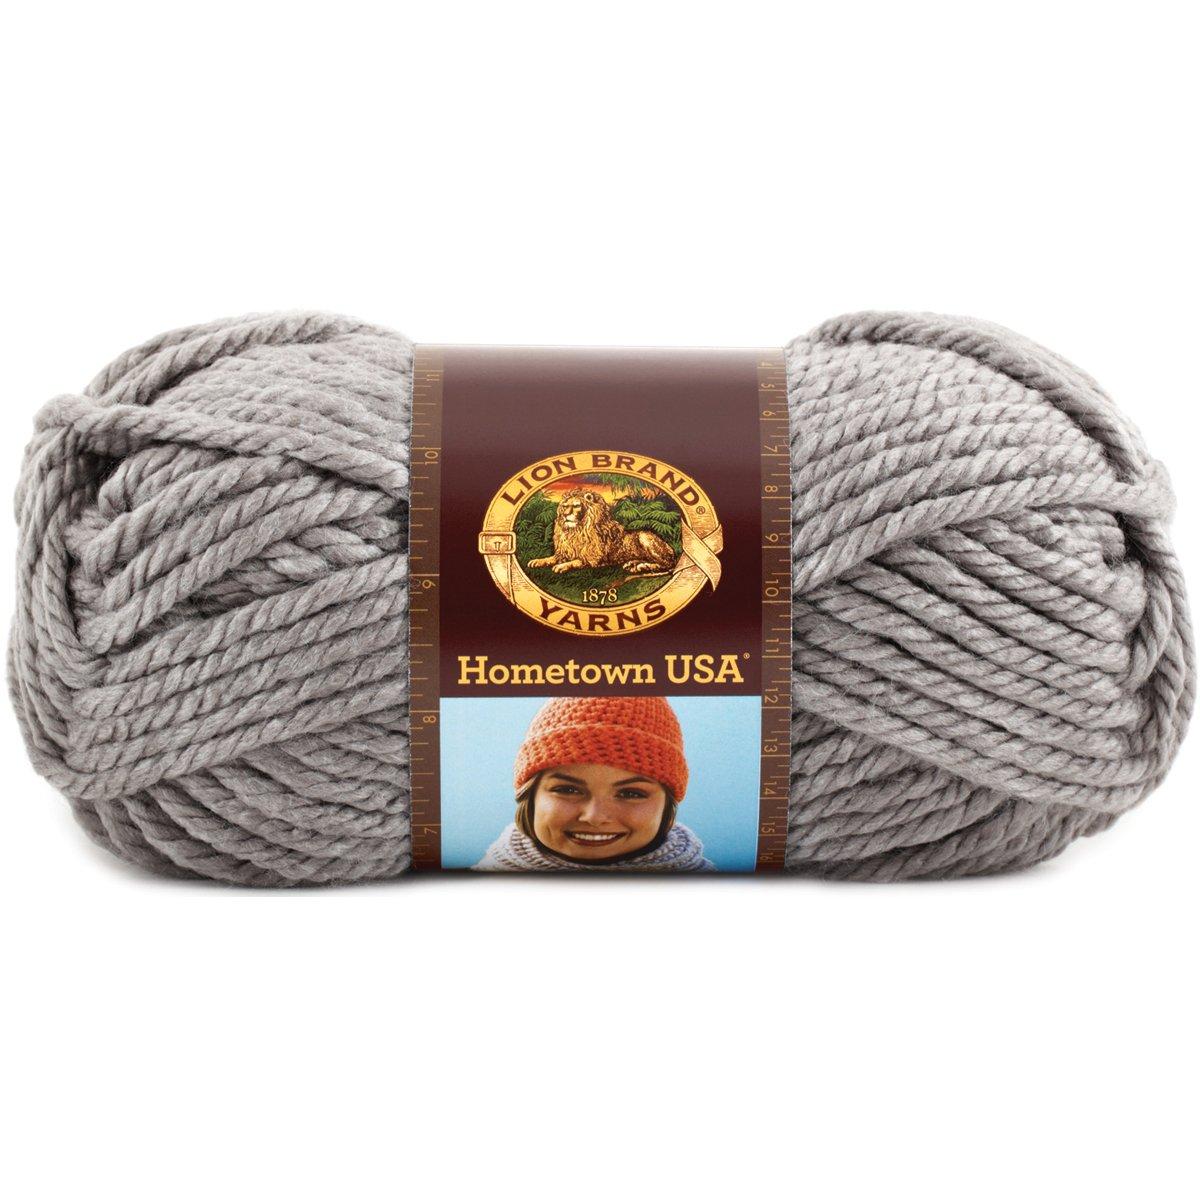 Riverdale Tweed 1 Skein Lion Brand Yarn 135-318 Hometown Yarn